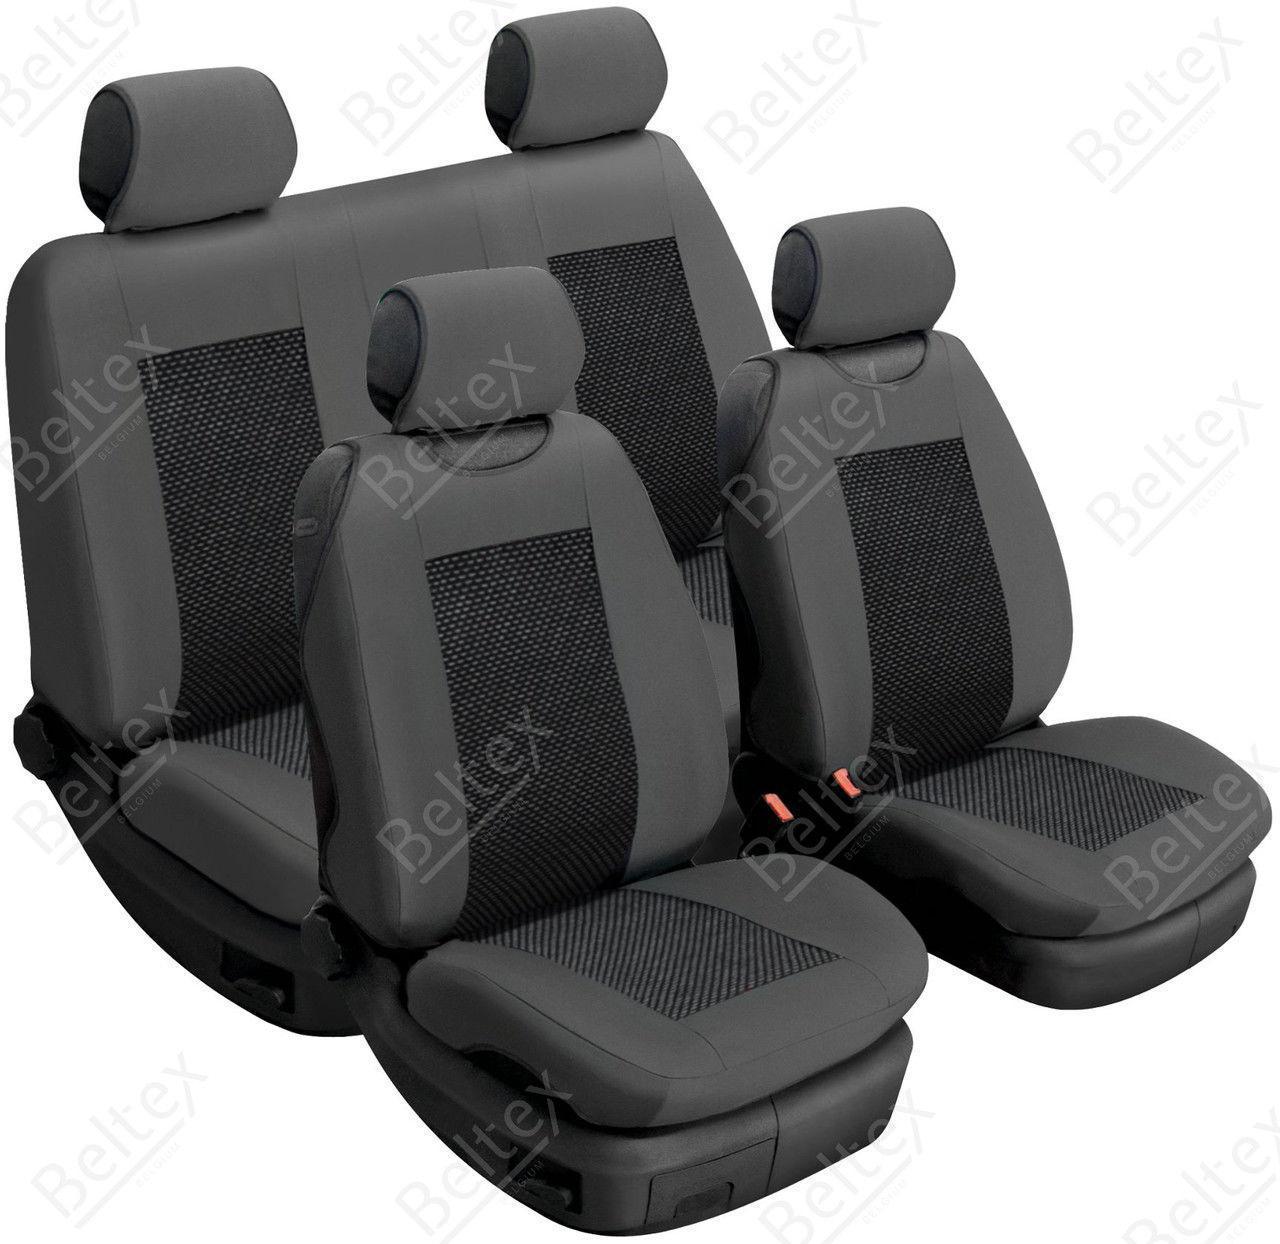 Майки/чехлы на сиденья Митсубиси Галант 6 (Mitsubishi Galant VI)